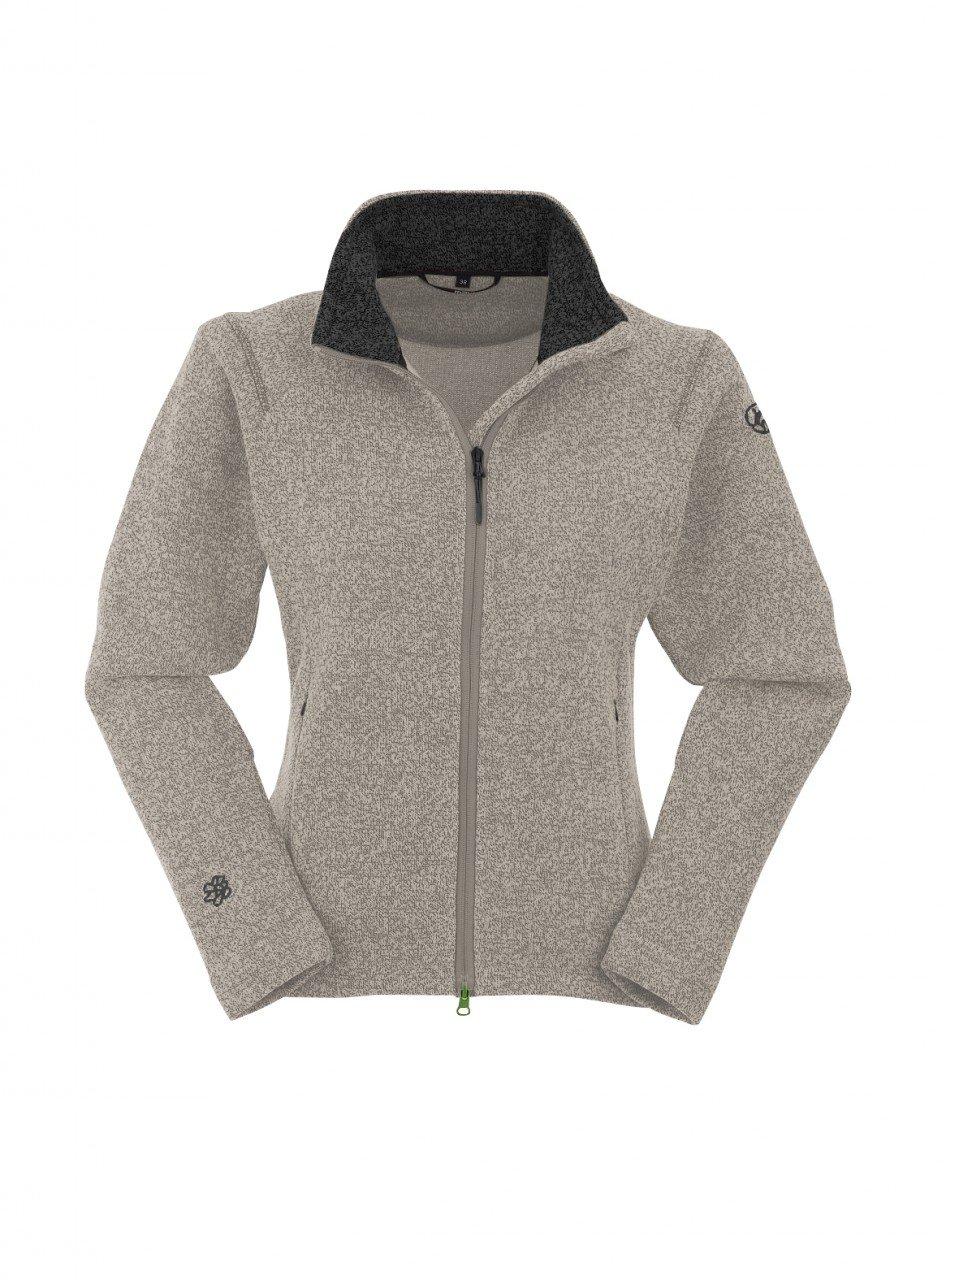 Maul Women's Outdoor Fleece Jacket Fleece Jacket Cardigan Brixen Beige